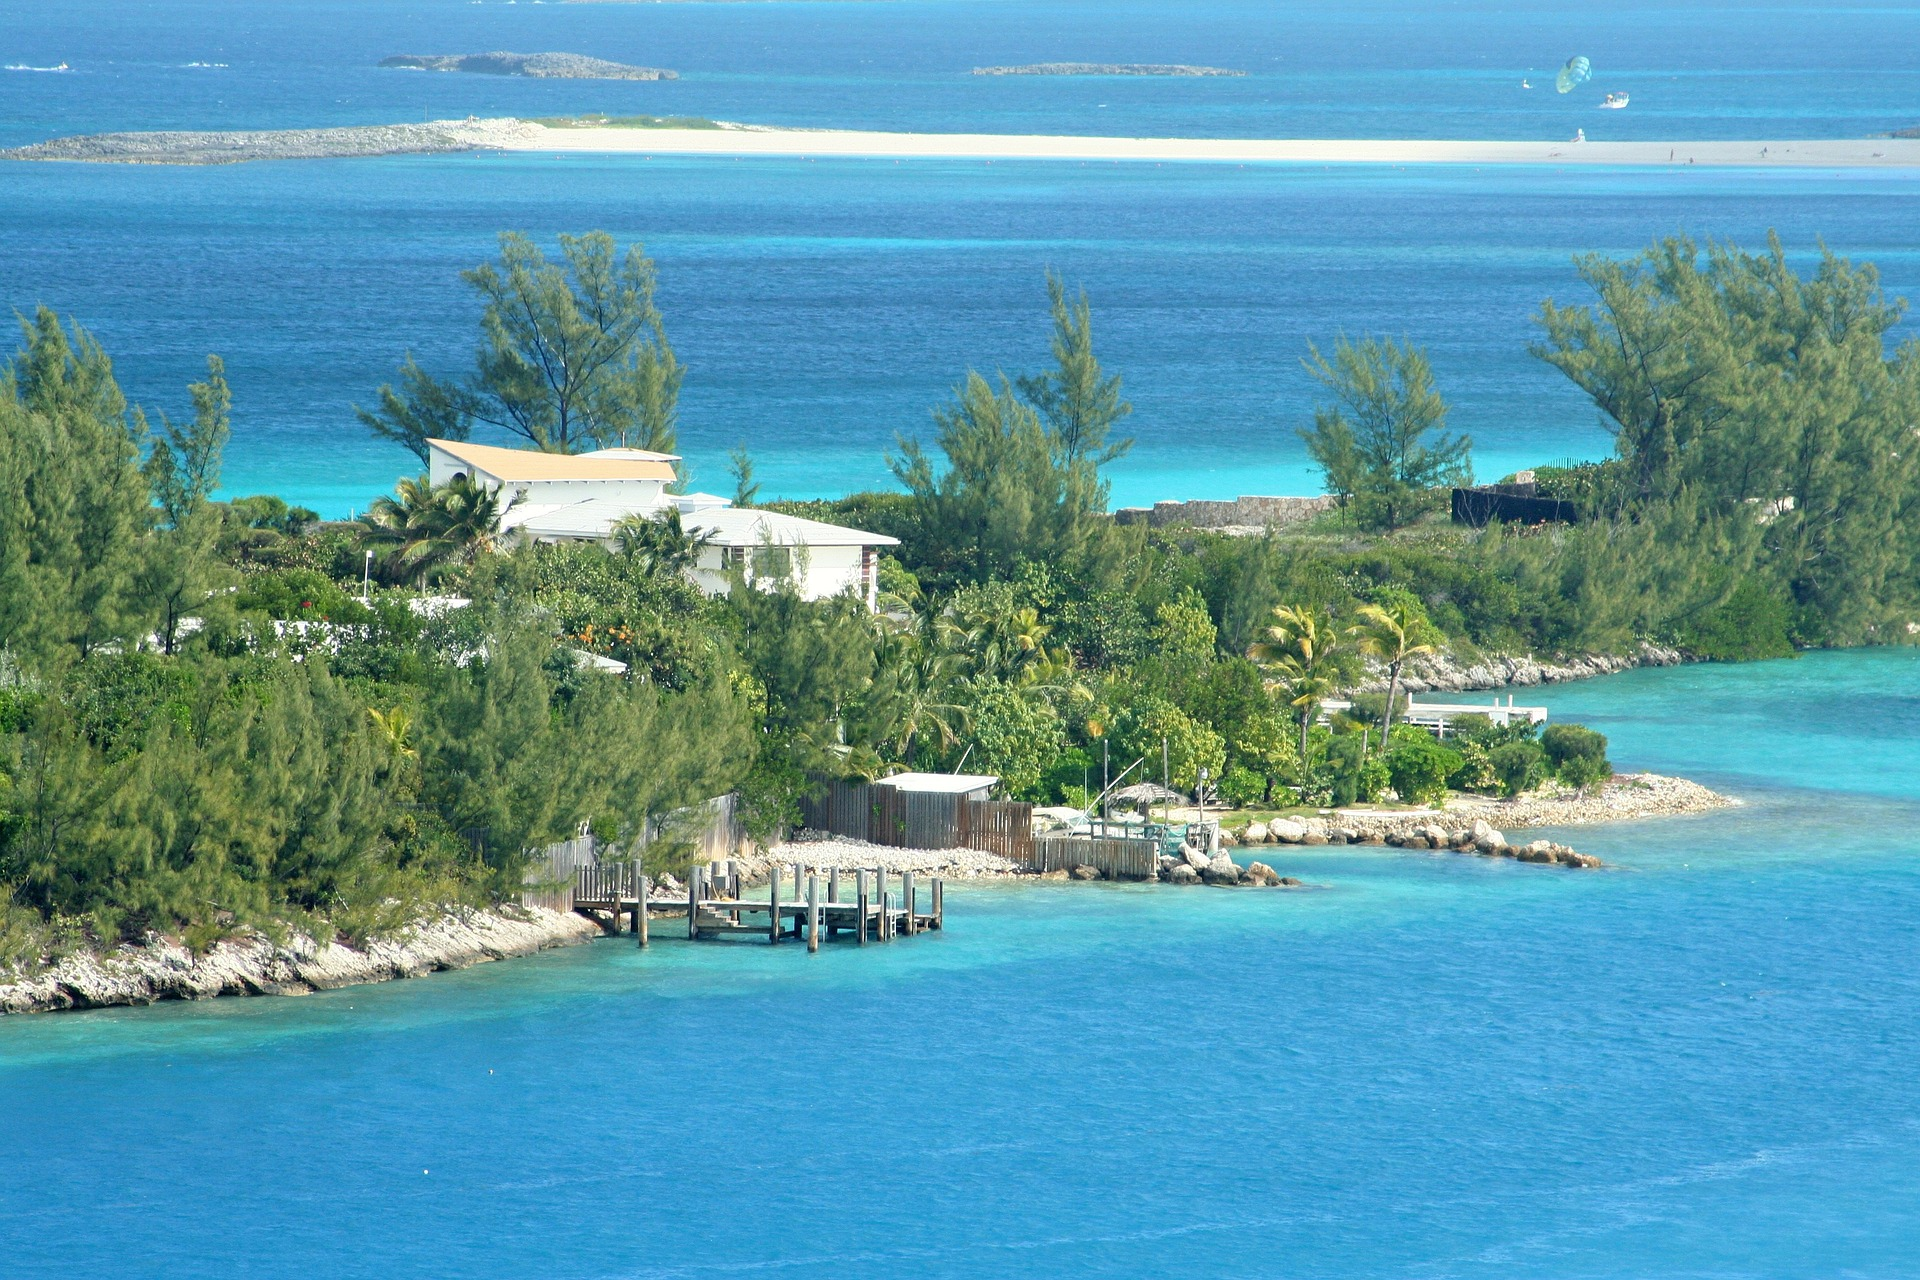 bahamas-116955_1920